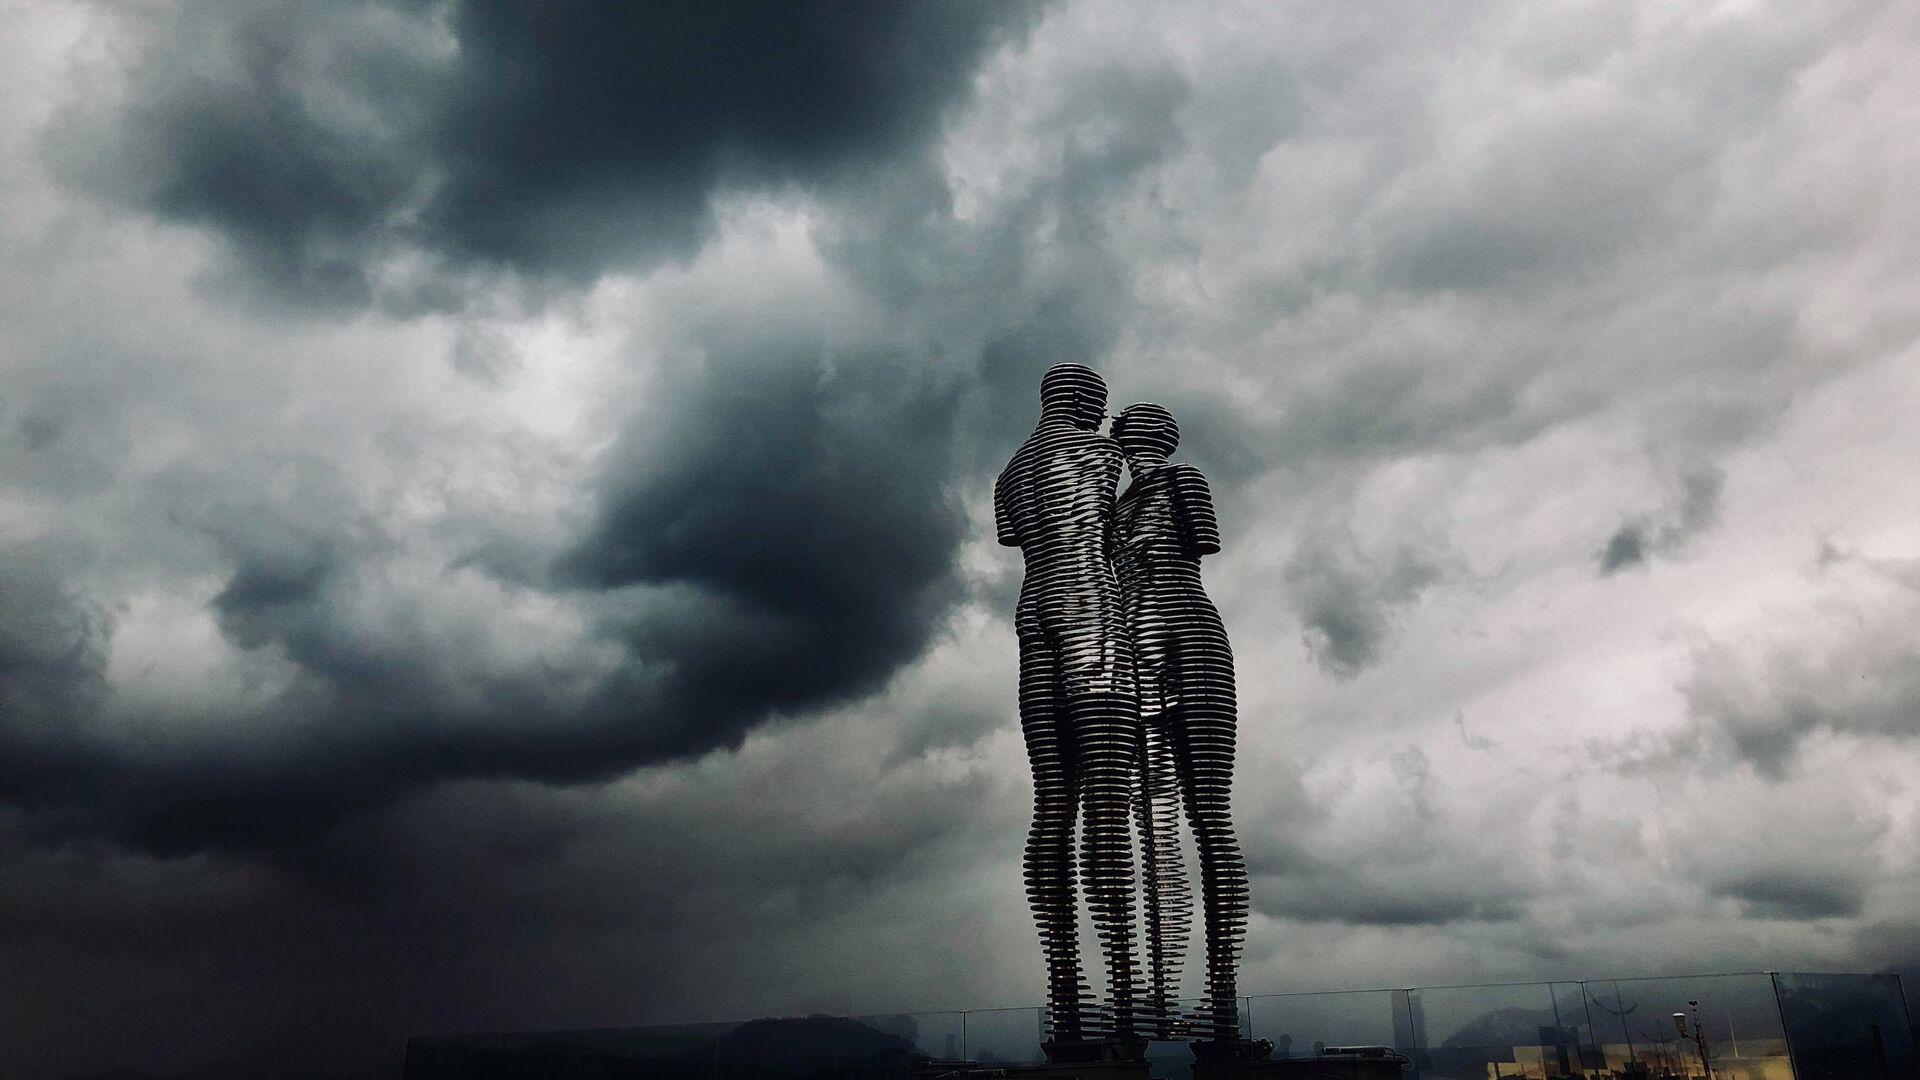 წვიმიანი ამინდი ბათუმში - Sputnik საქართველო, 1920, 13.09.2021